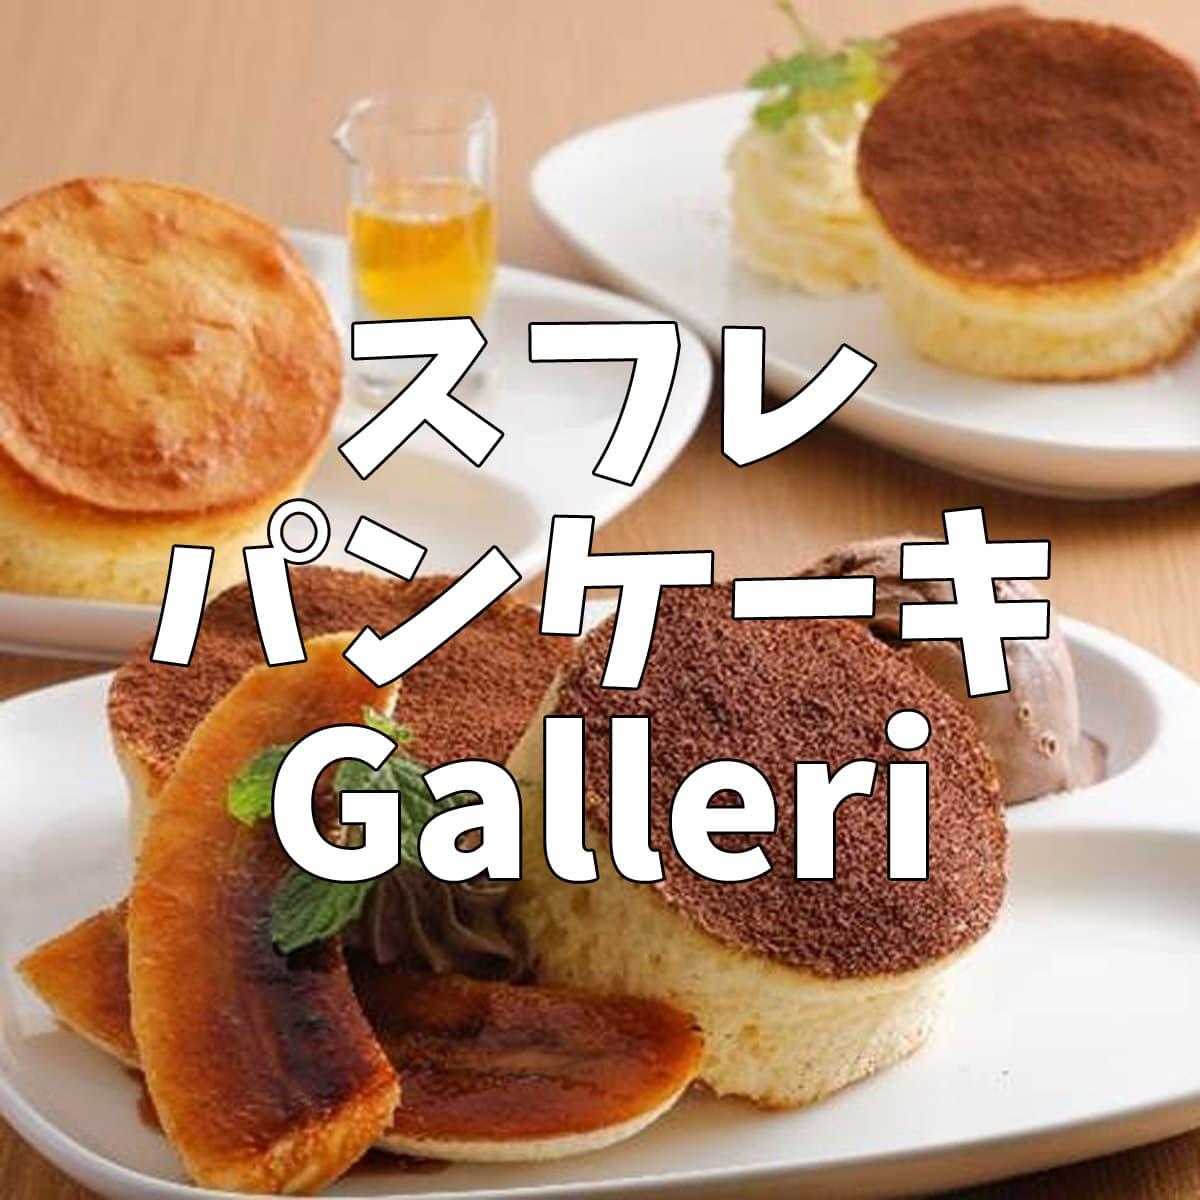 淡路島スフレパンケーキ Galleri(ギャラリ)